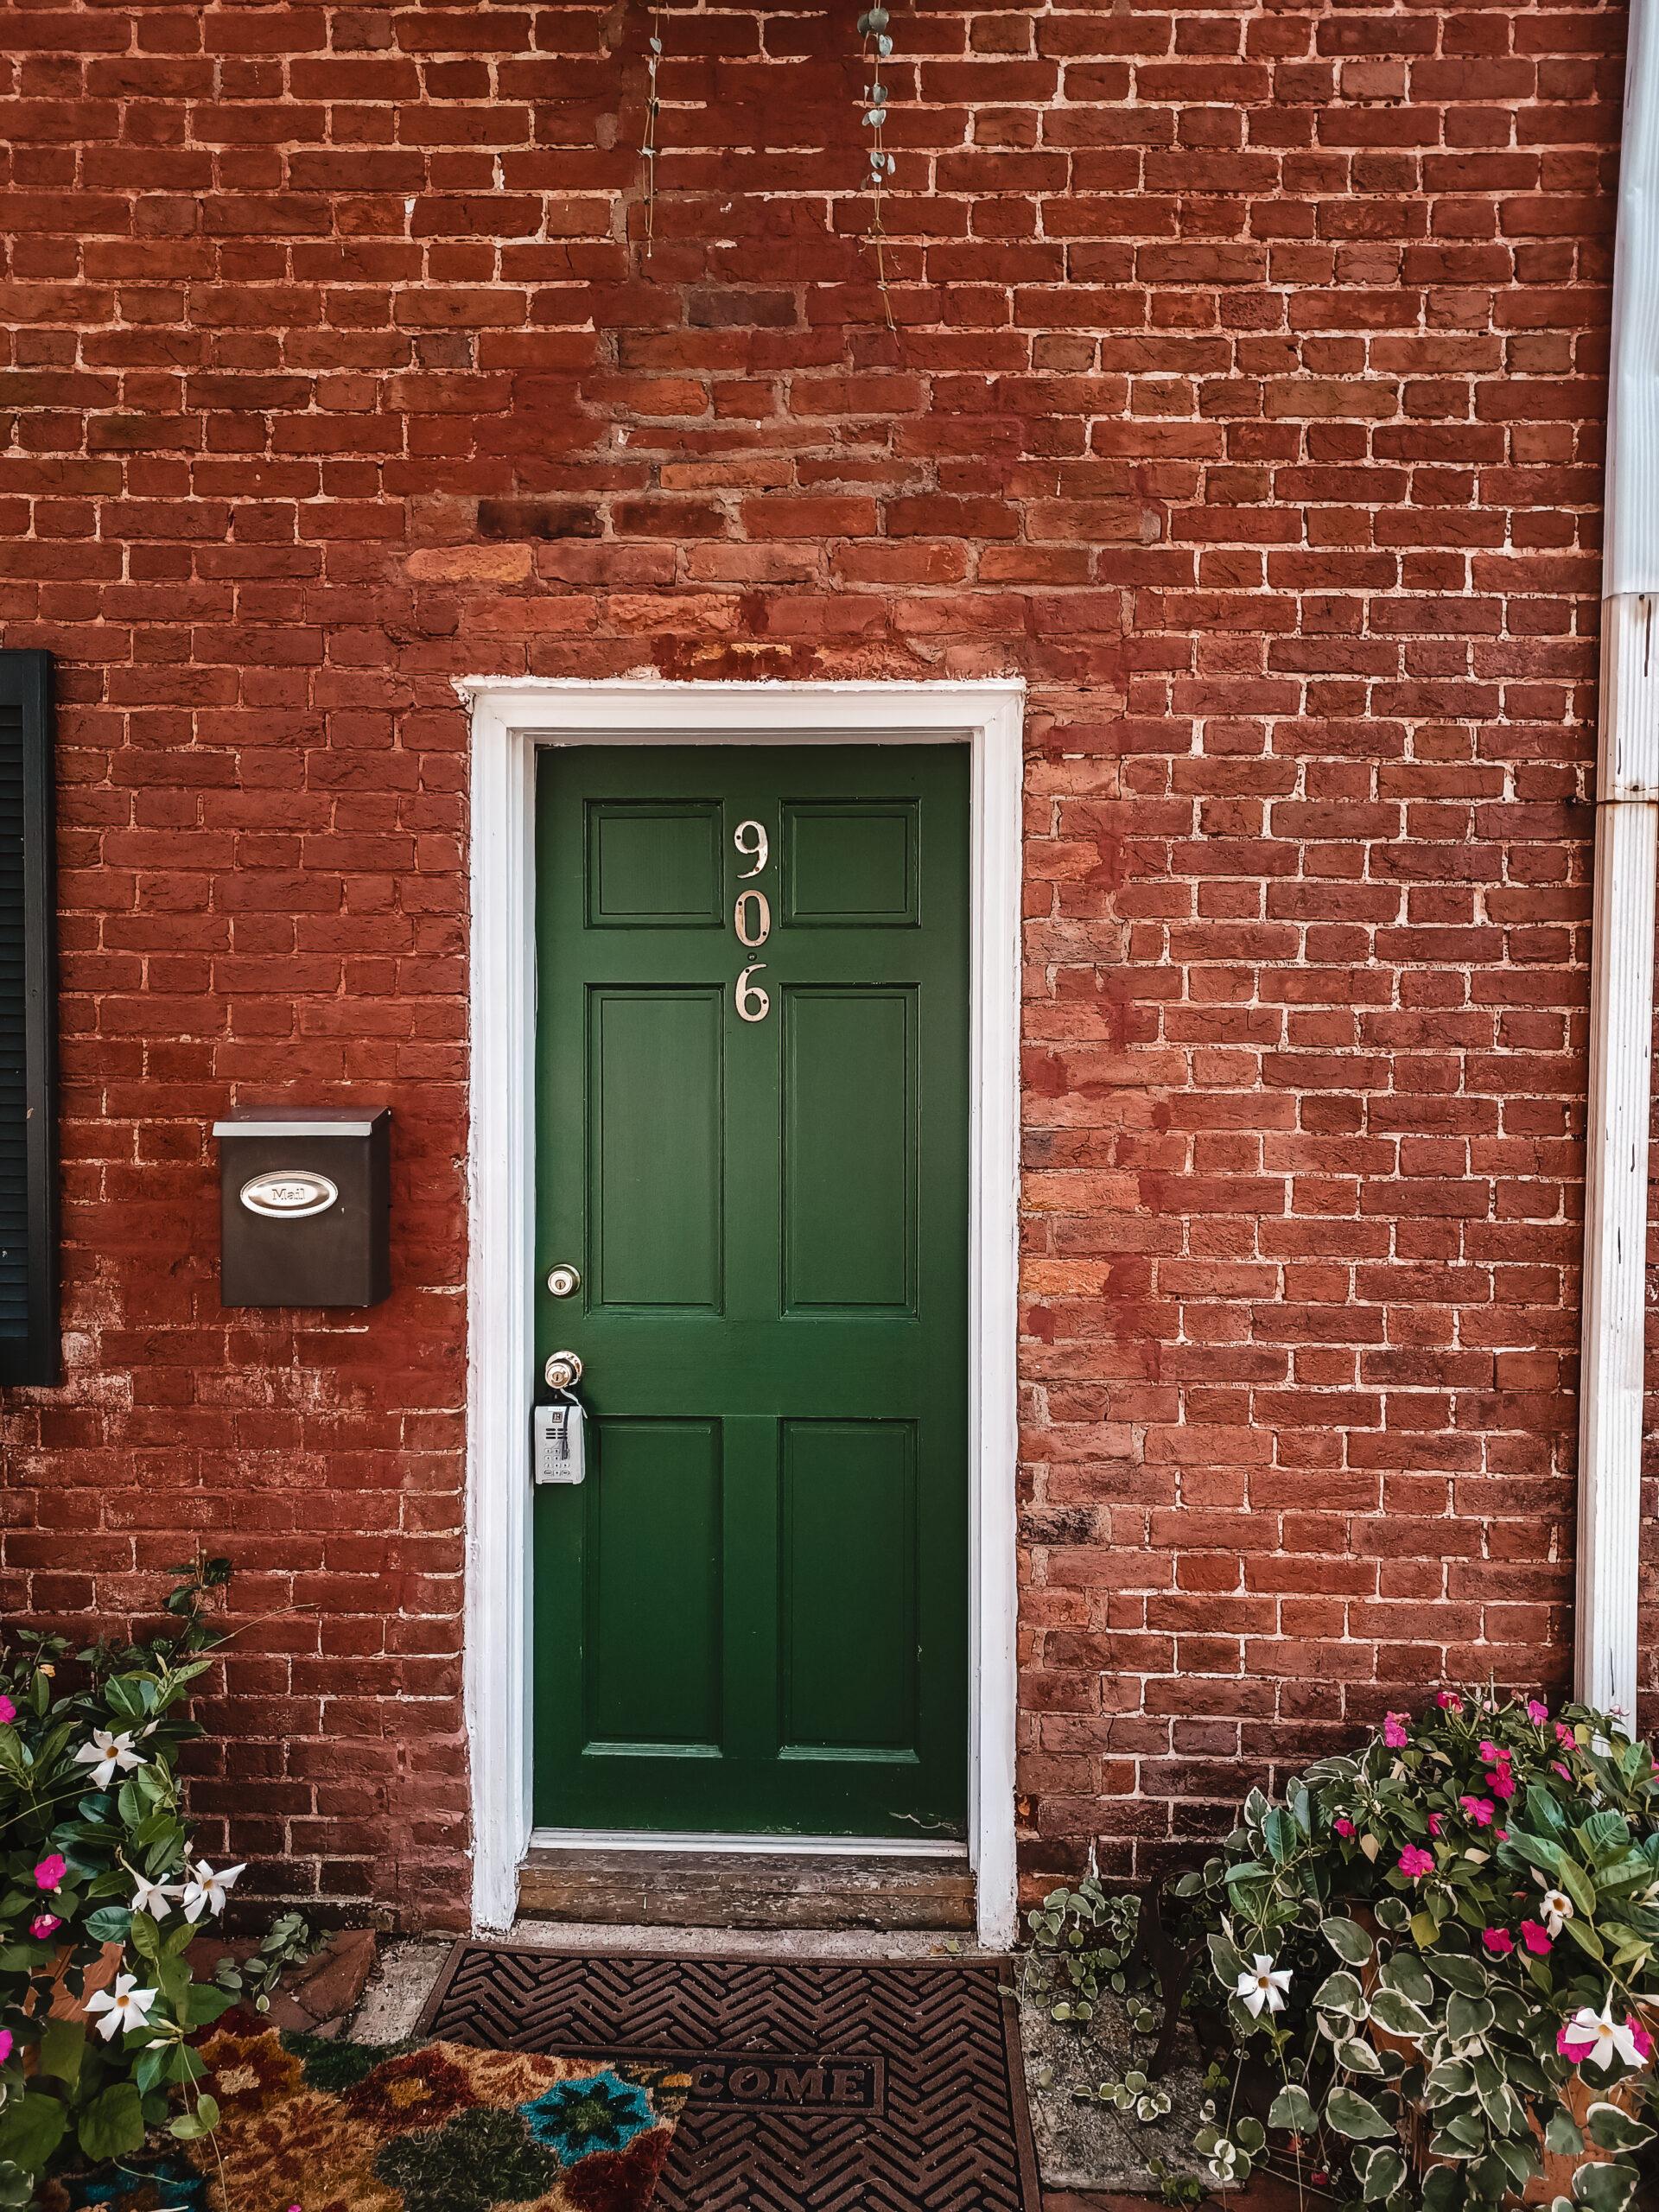 Alexandria Virginia home with green door